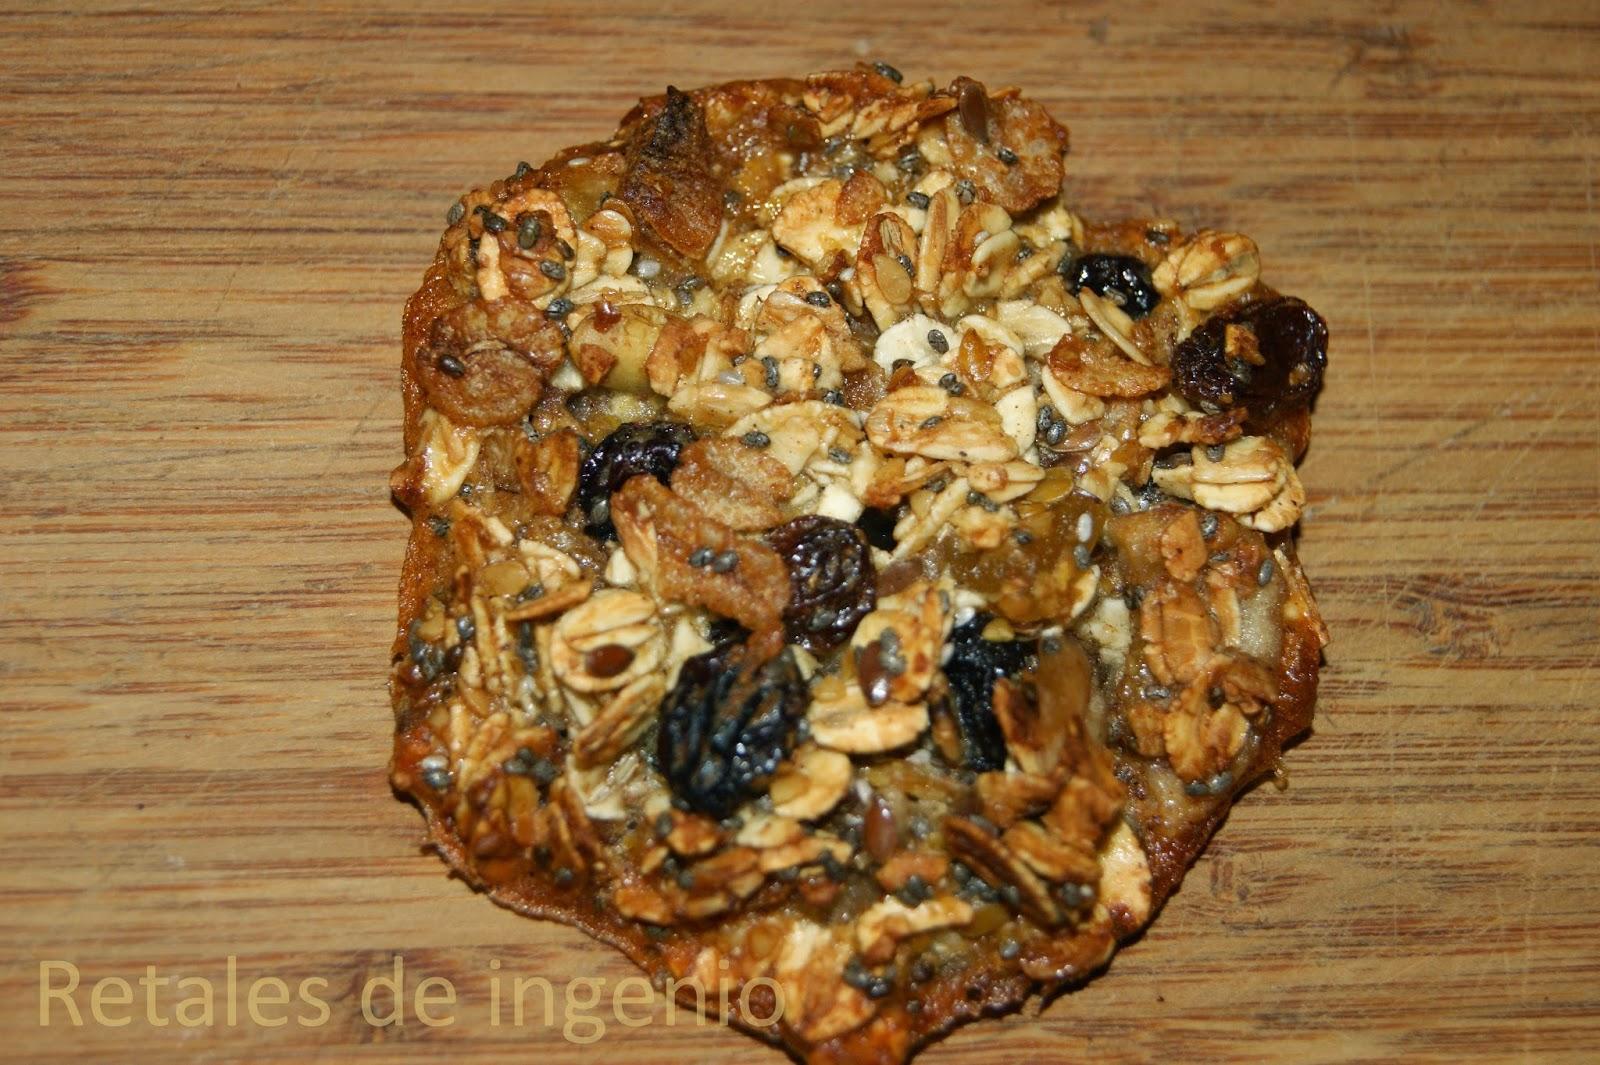 Retales de ingenio recetas y dietética galletas avena